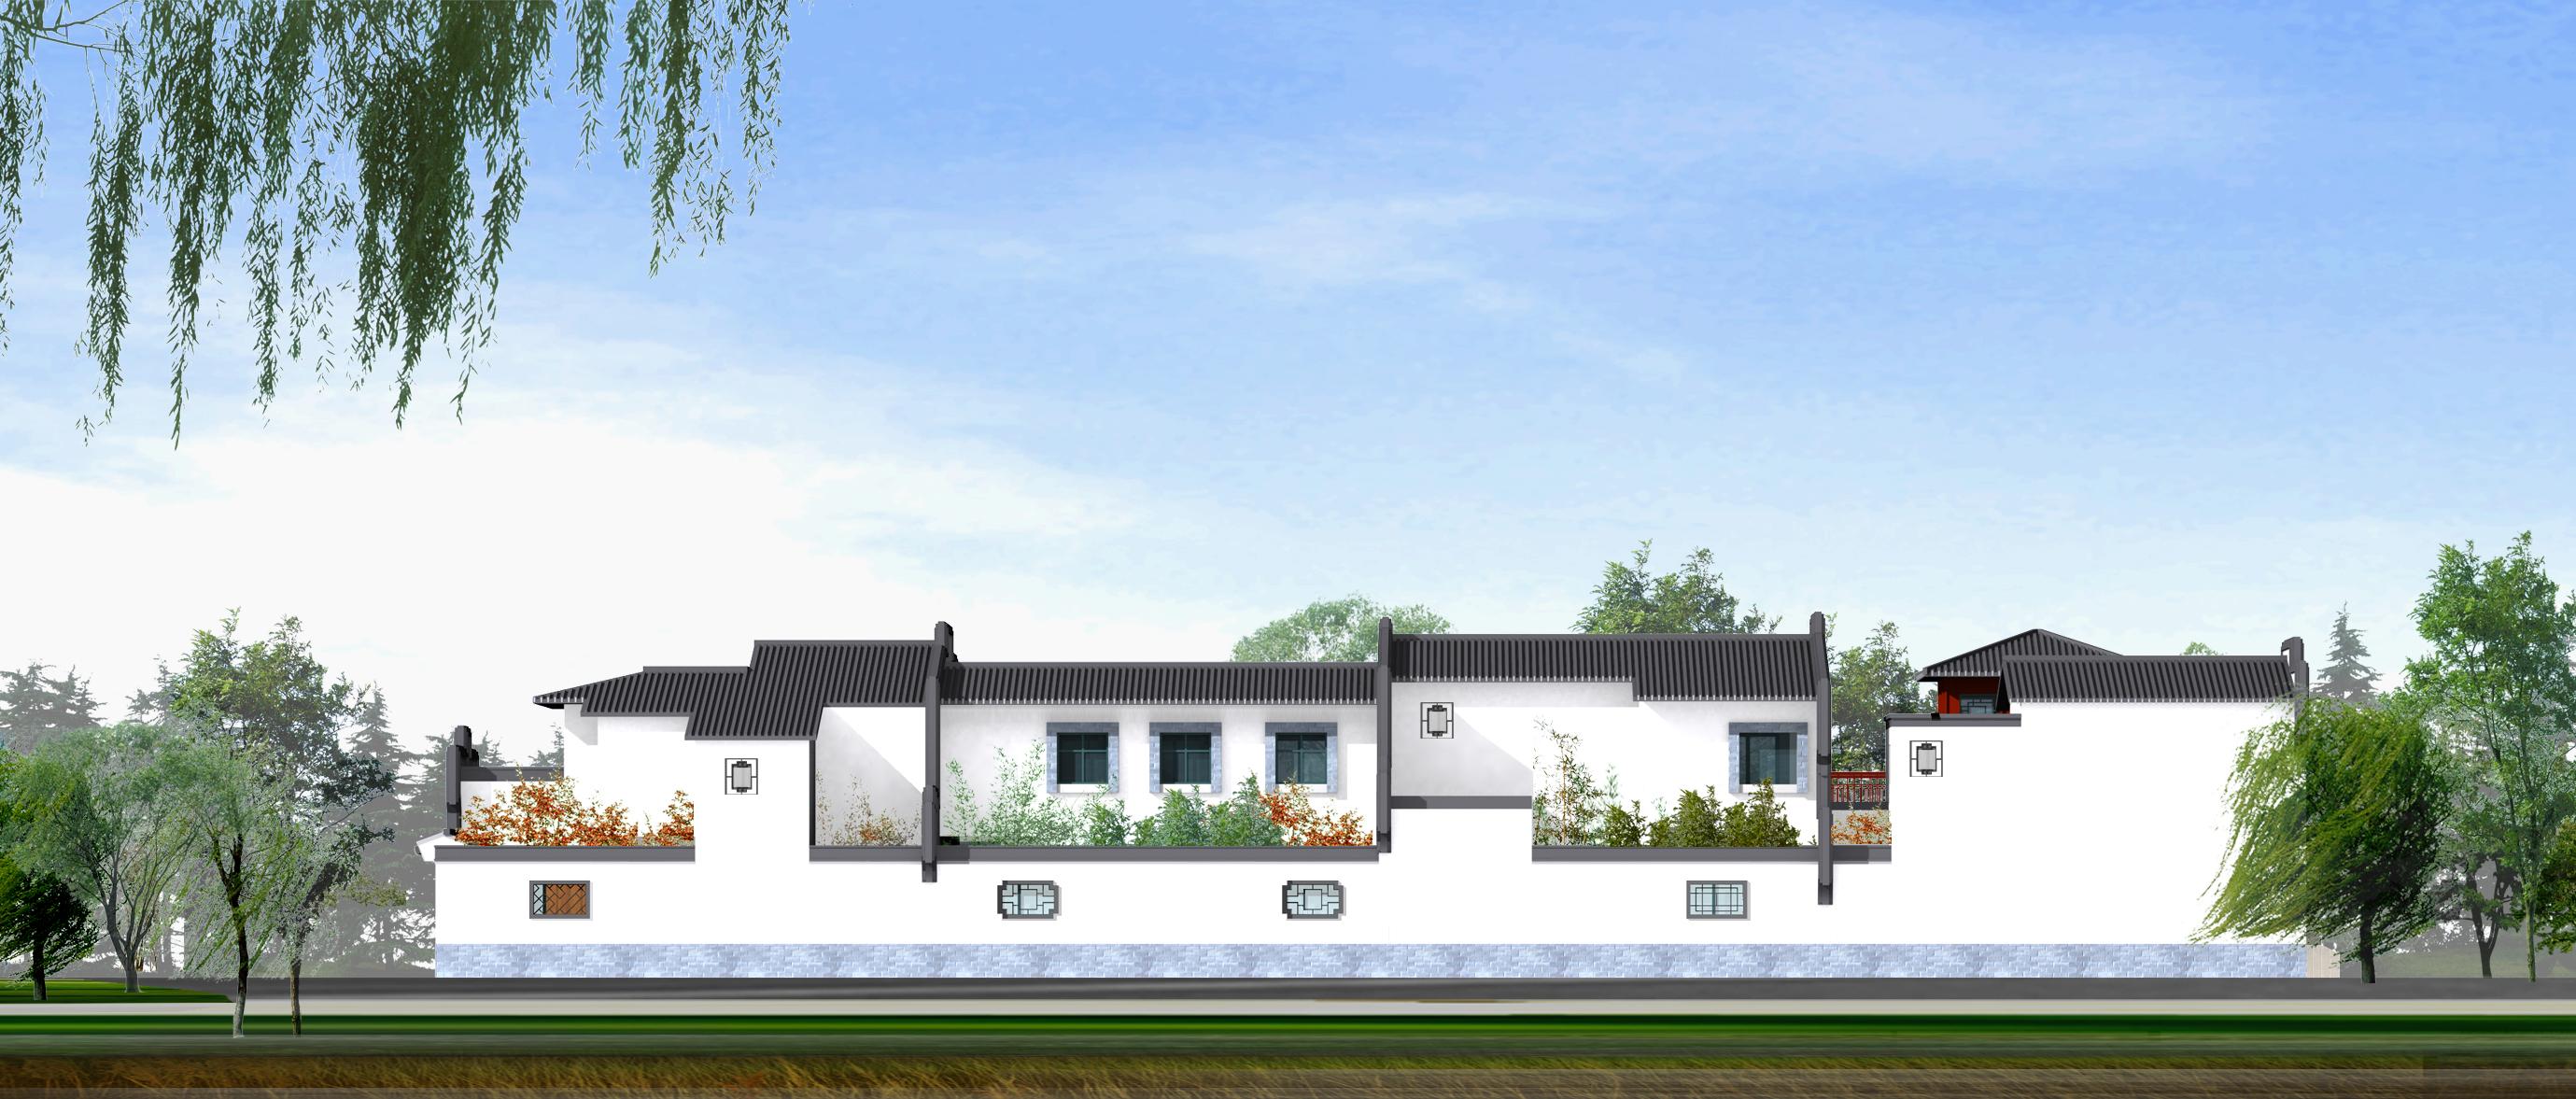 经典中式徽派二层别墅设计图 房屋设计图_别墅设计图